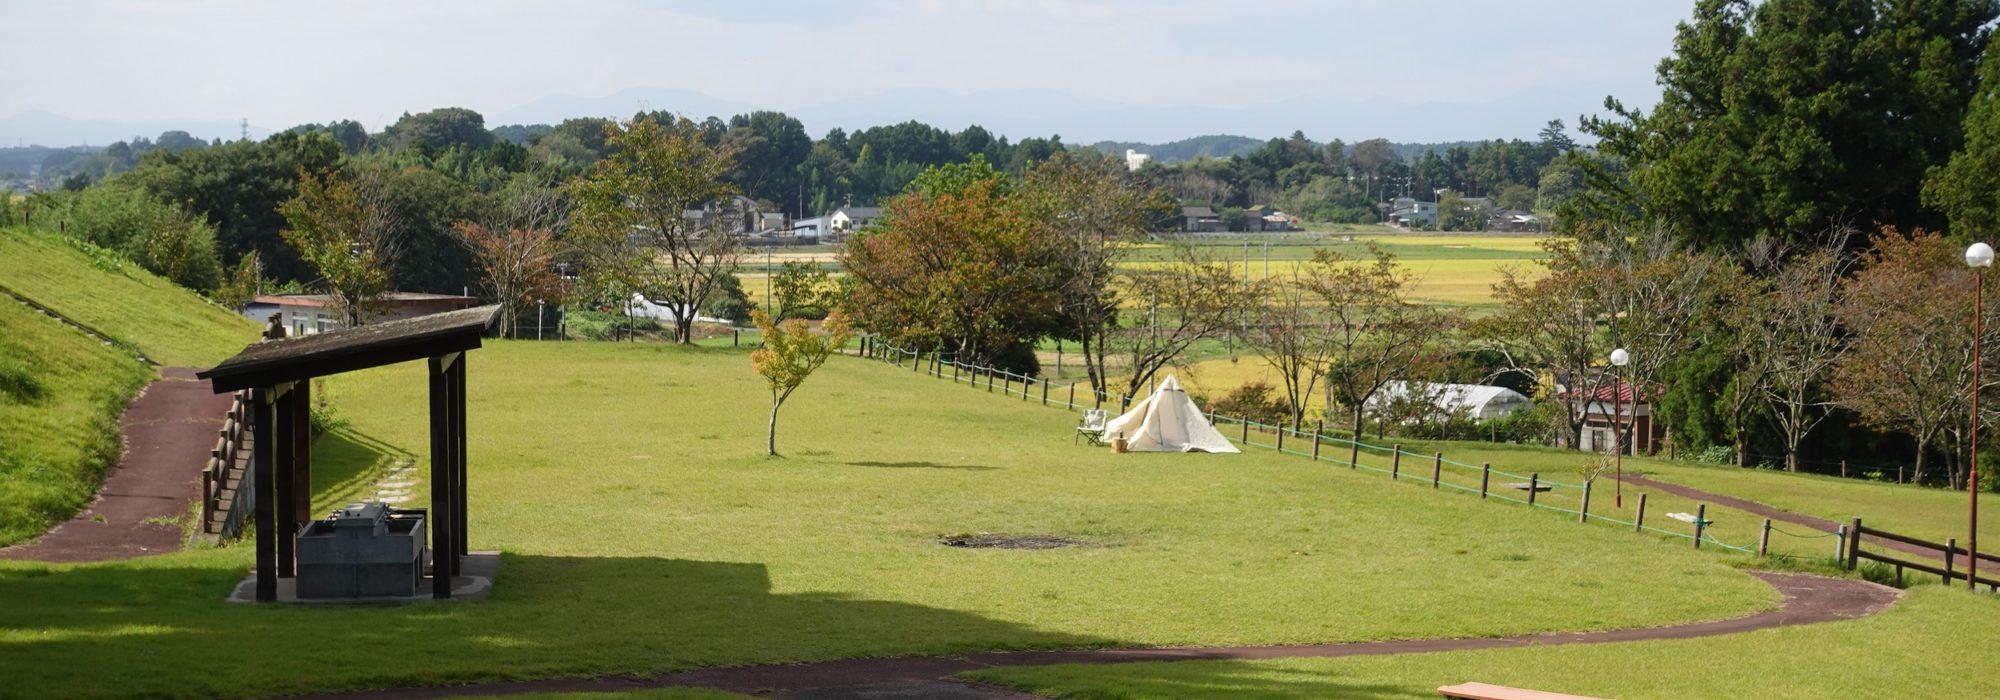 大嶽山 交流広場 キャンプ キャンプ場